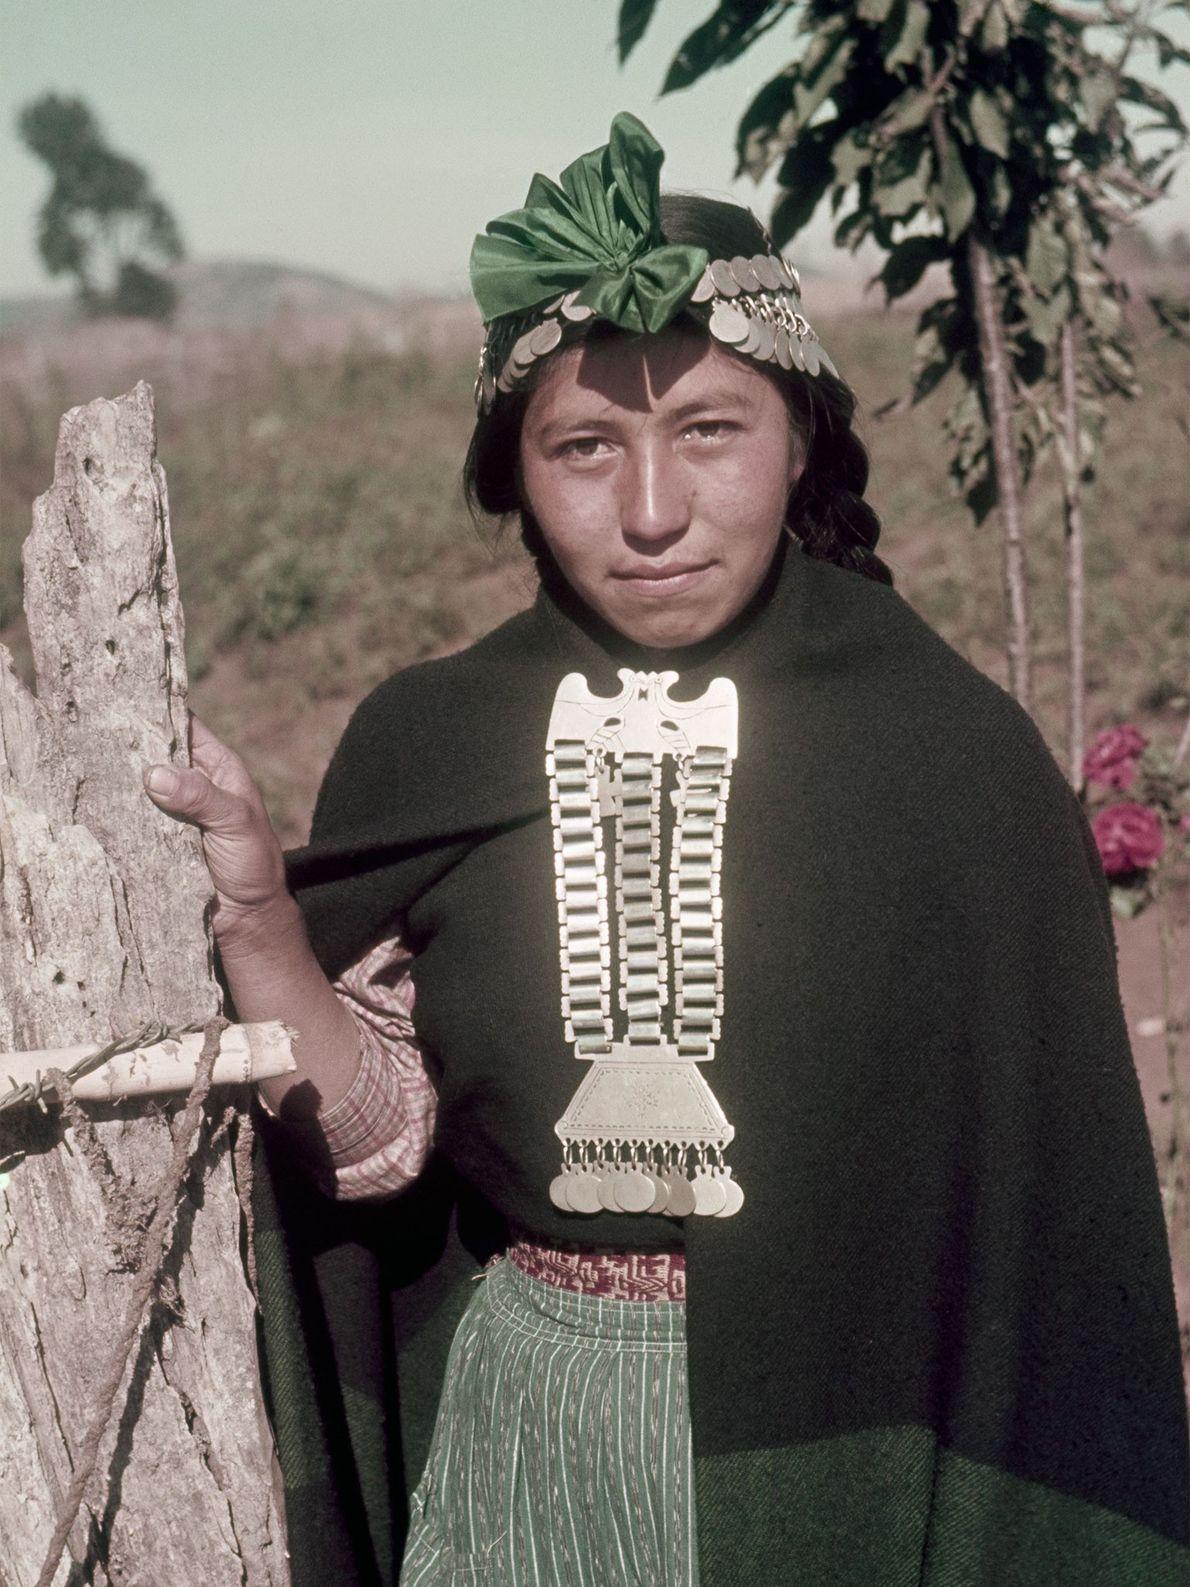 Eine Mapuche aus Chile trägt fein gearbeiteten Silberschmuck an ihrer Kleidung und ihrer Kopfbedeckung.